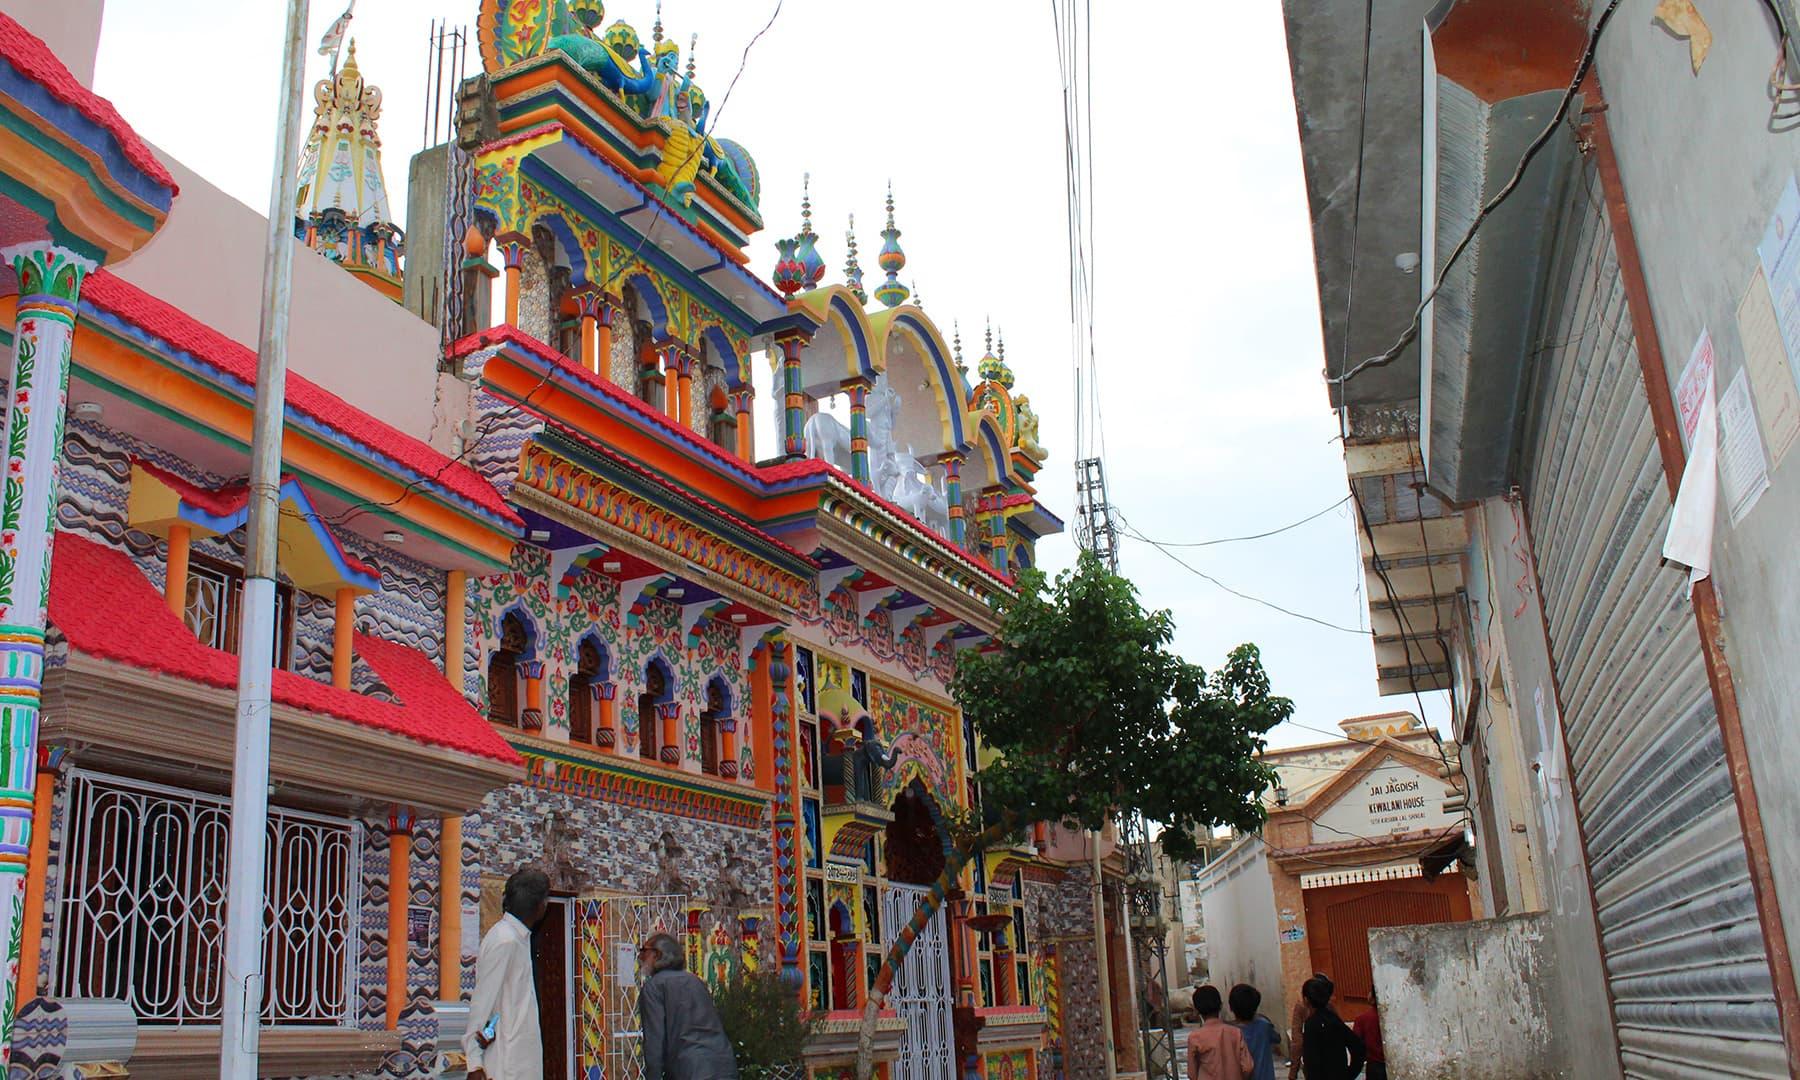 مٹھی میں موجود مرلی دھر کا مندر— فوٹو اختر حفیظ۔